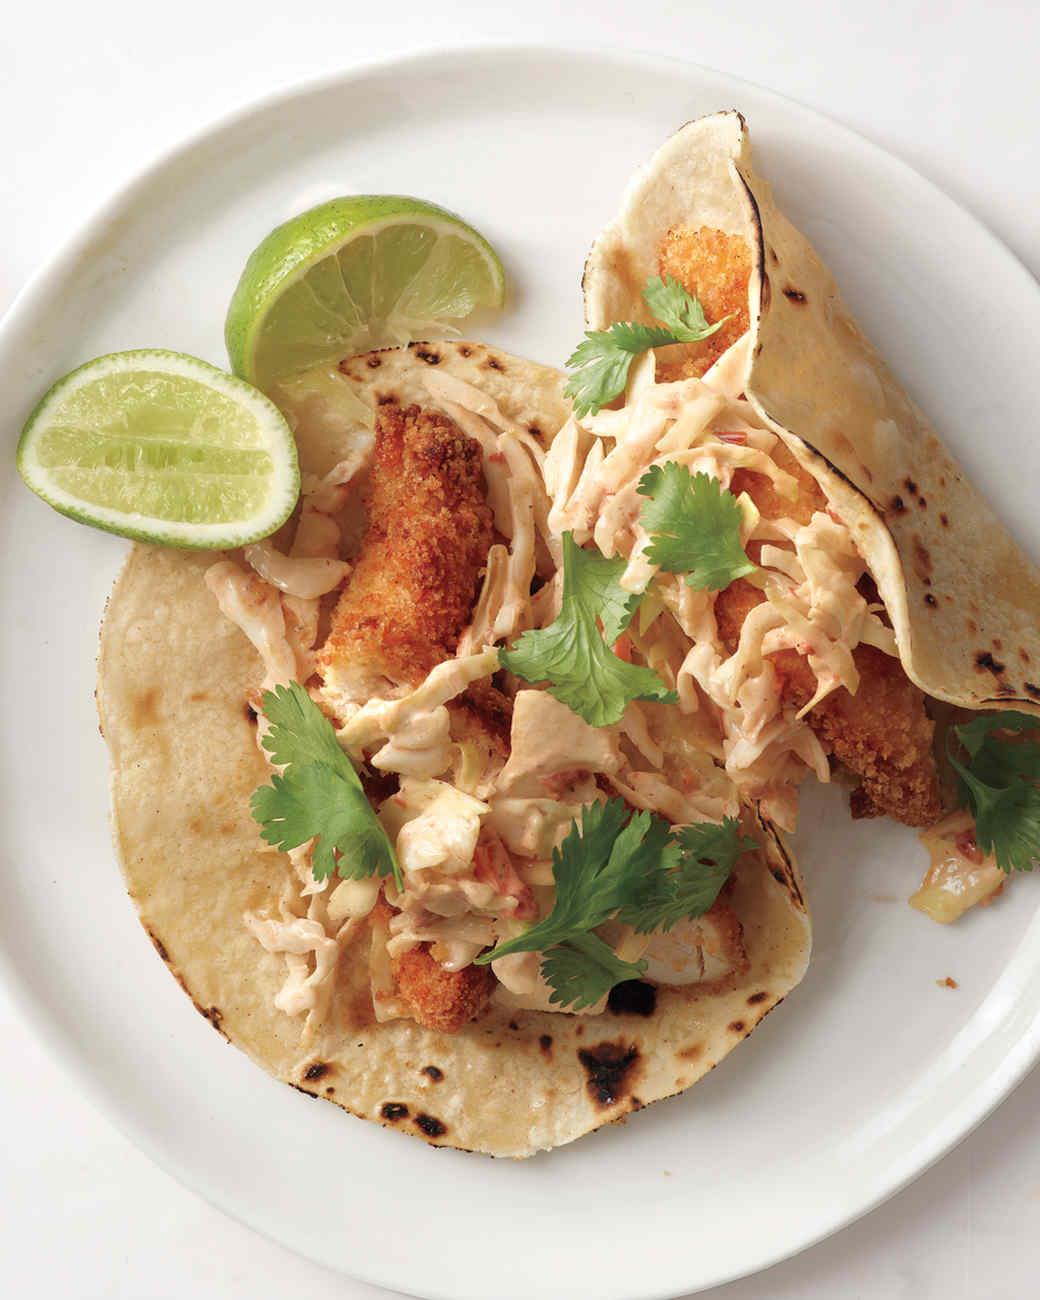 ayc-chicken-tacos-004a-med108875.jpg